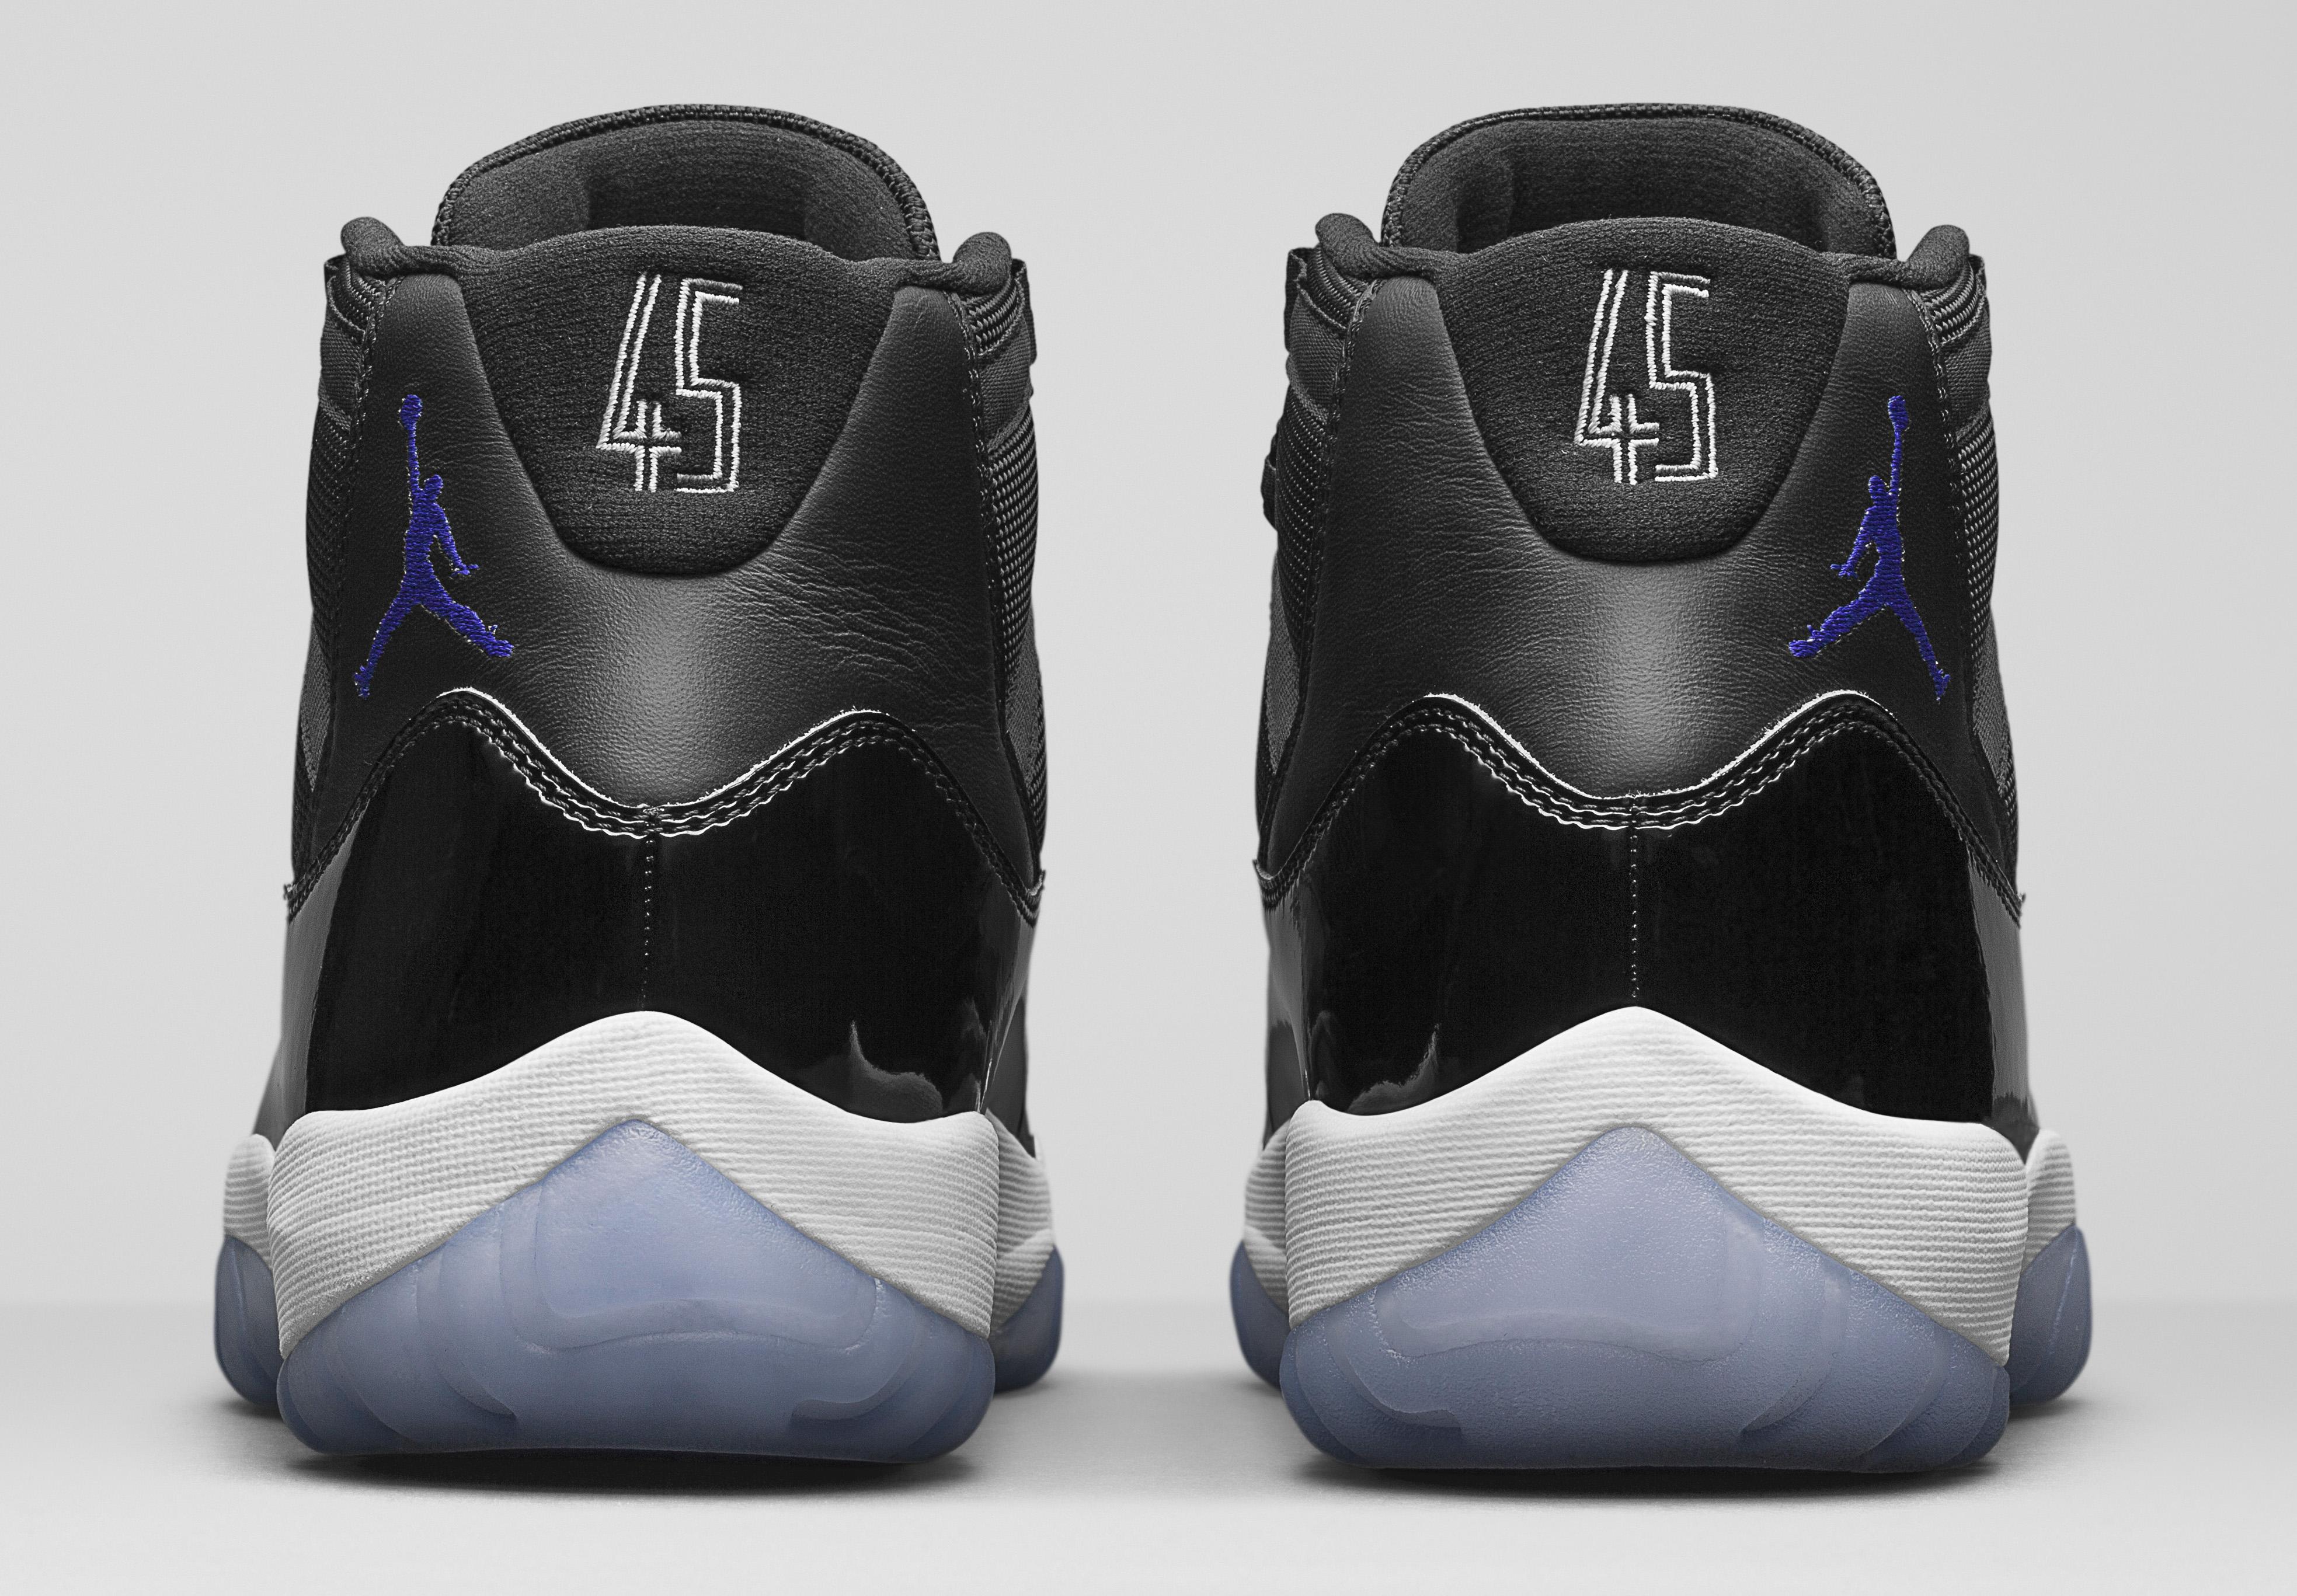 Image via Nike Jordan 11 Space Jam Heel